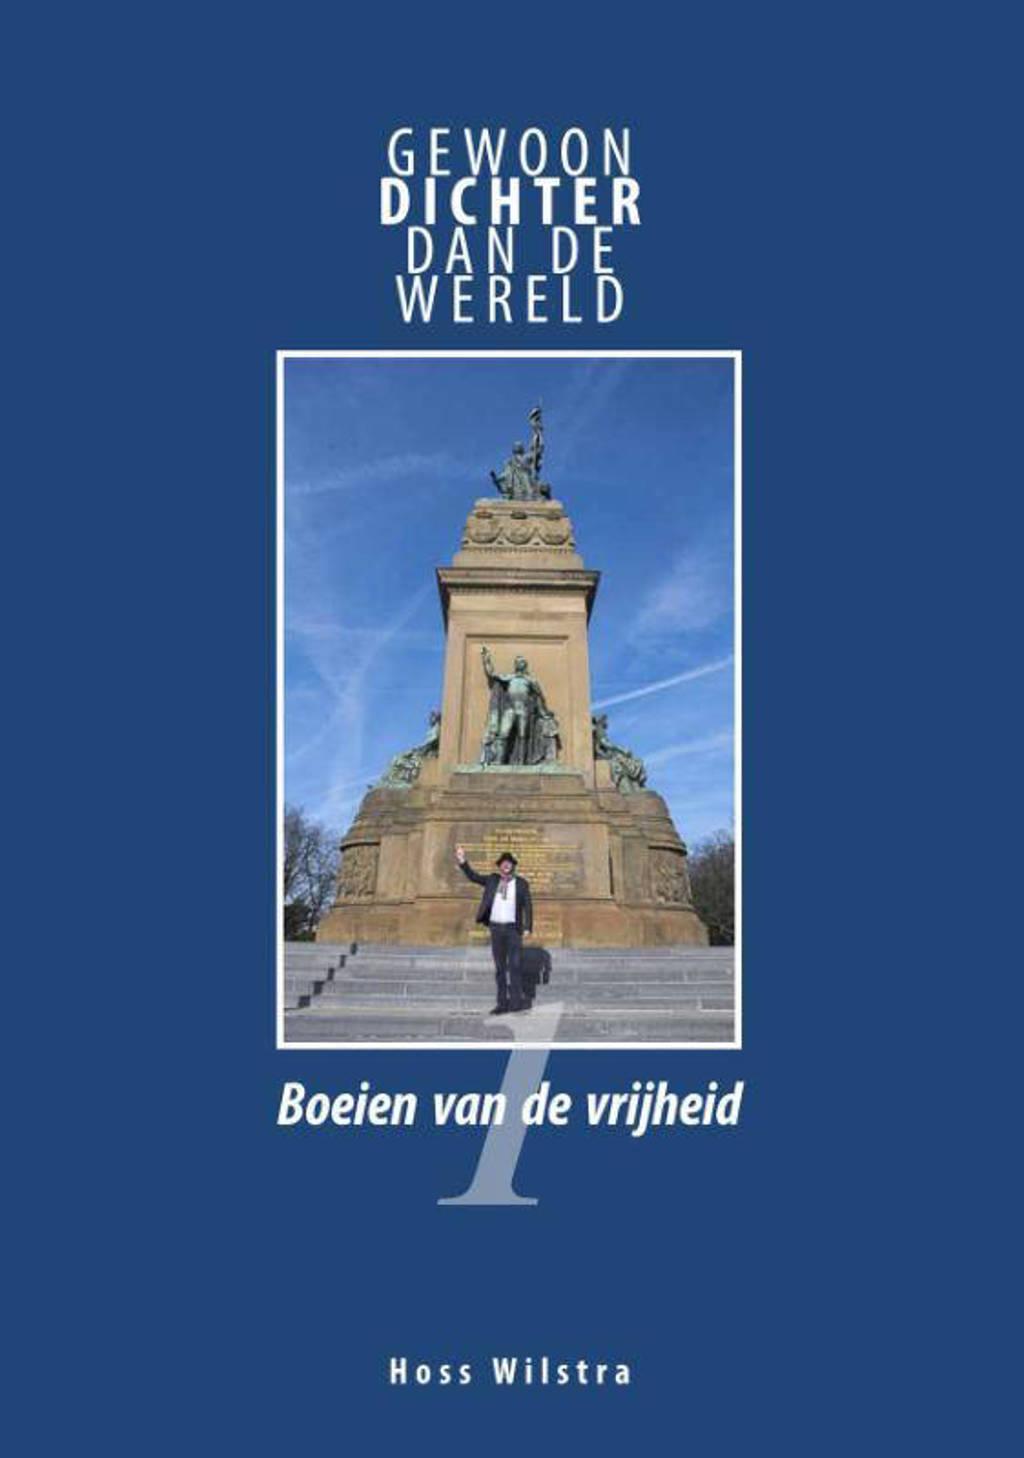 Gewoon dichter dan de wereld: Boeien van de vrijheid - Hoss Wilstra